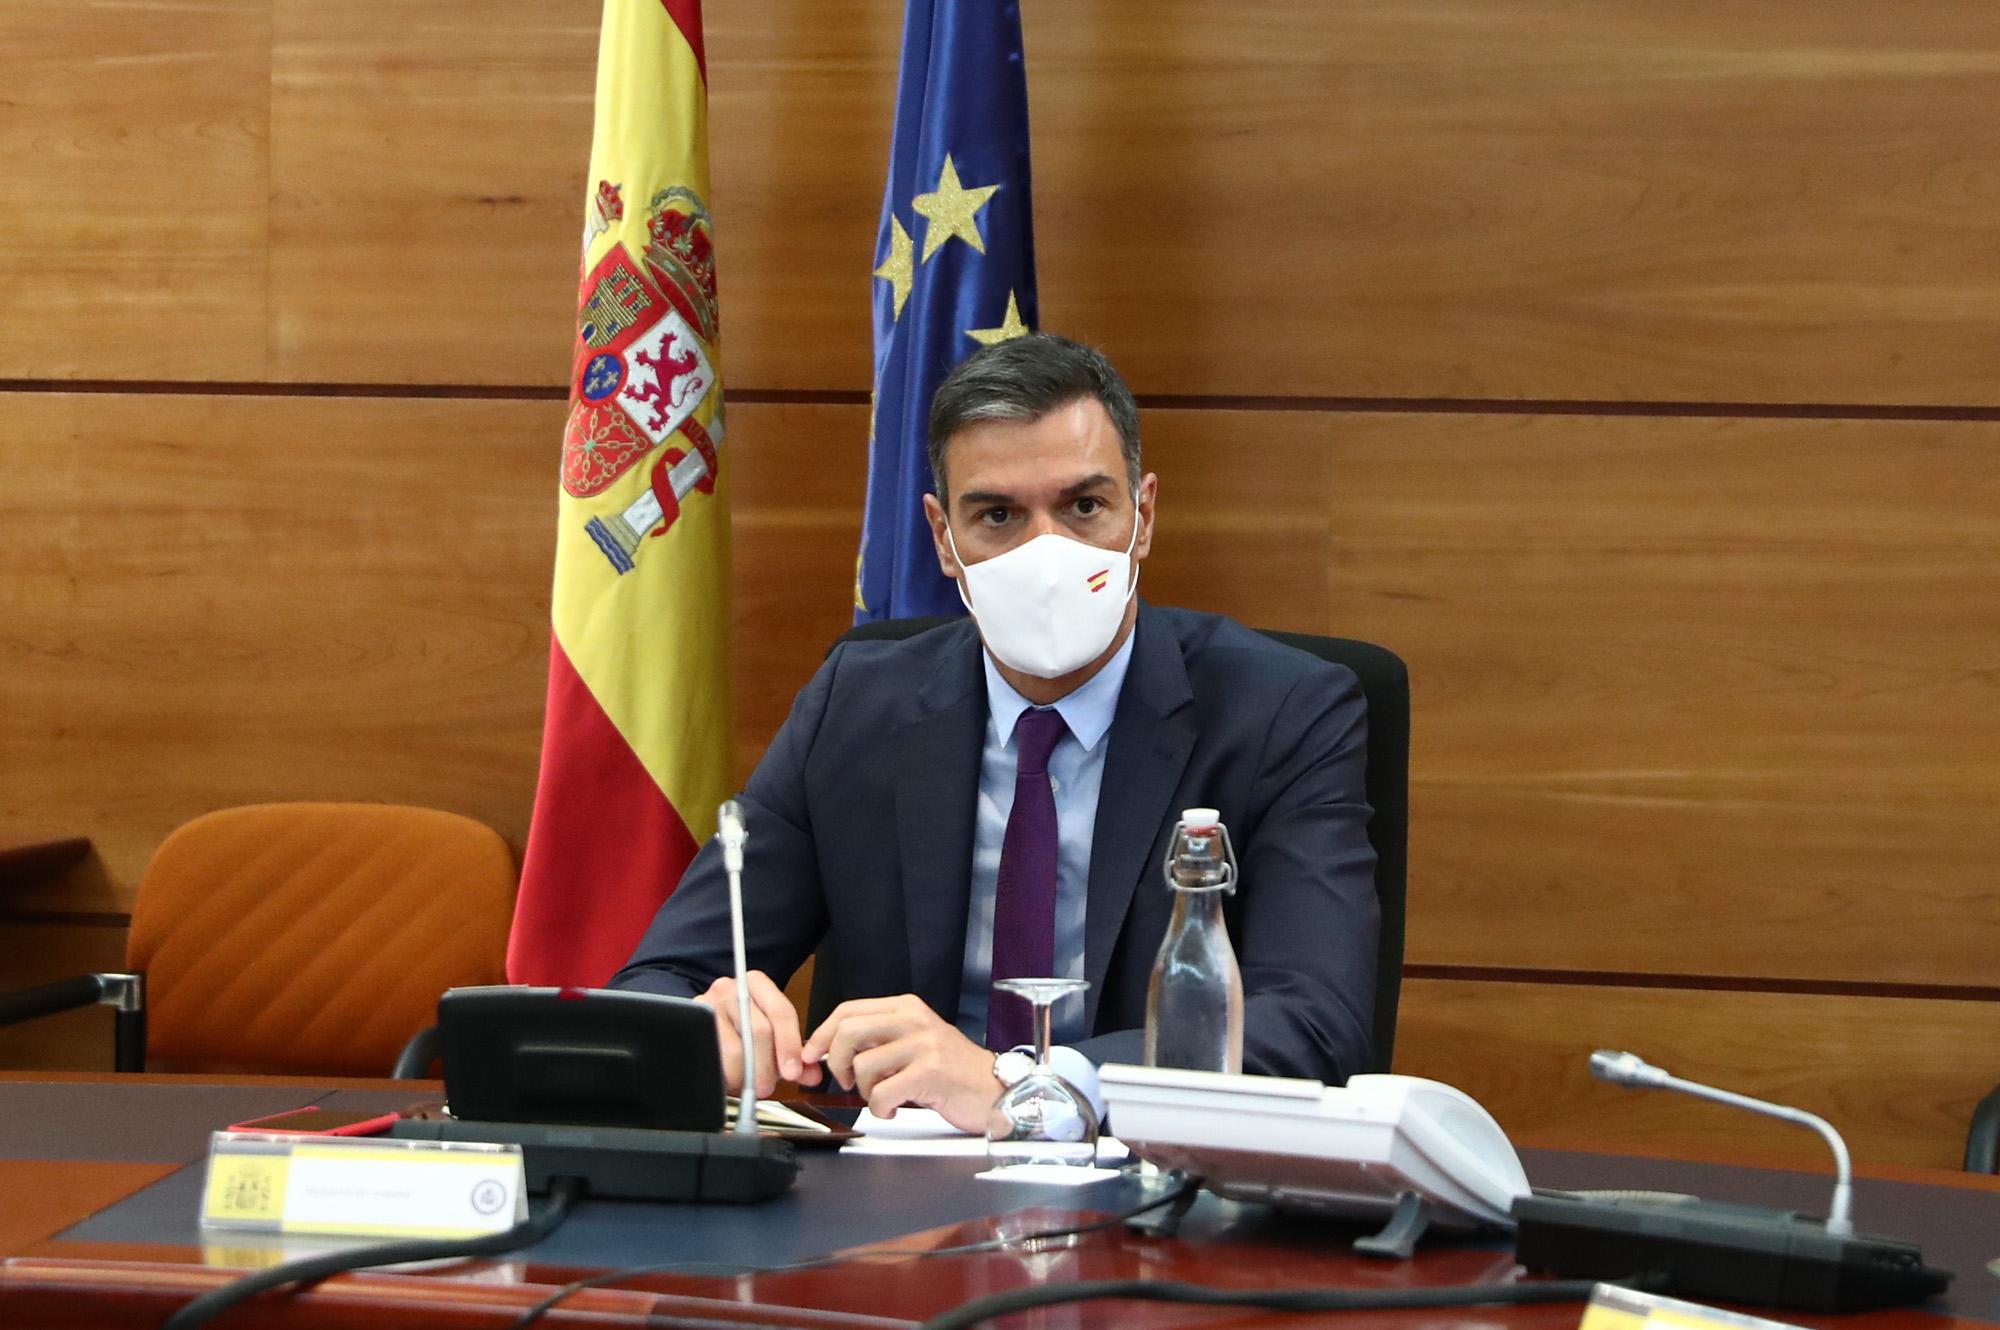 Pedro Sánchez durante una reunión del Grupo de Trabajo que supervisa la operación de repatriación del contingente español en Afganistán. // Pool Moncloa